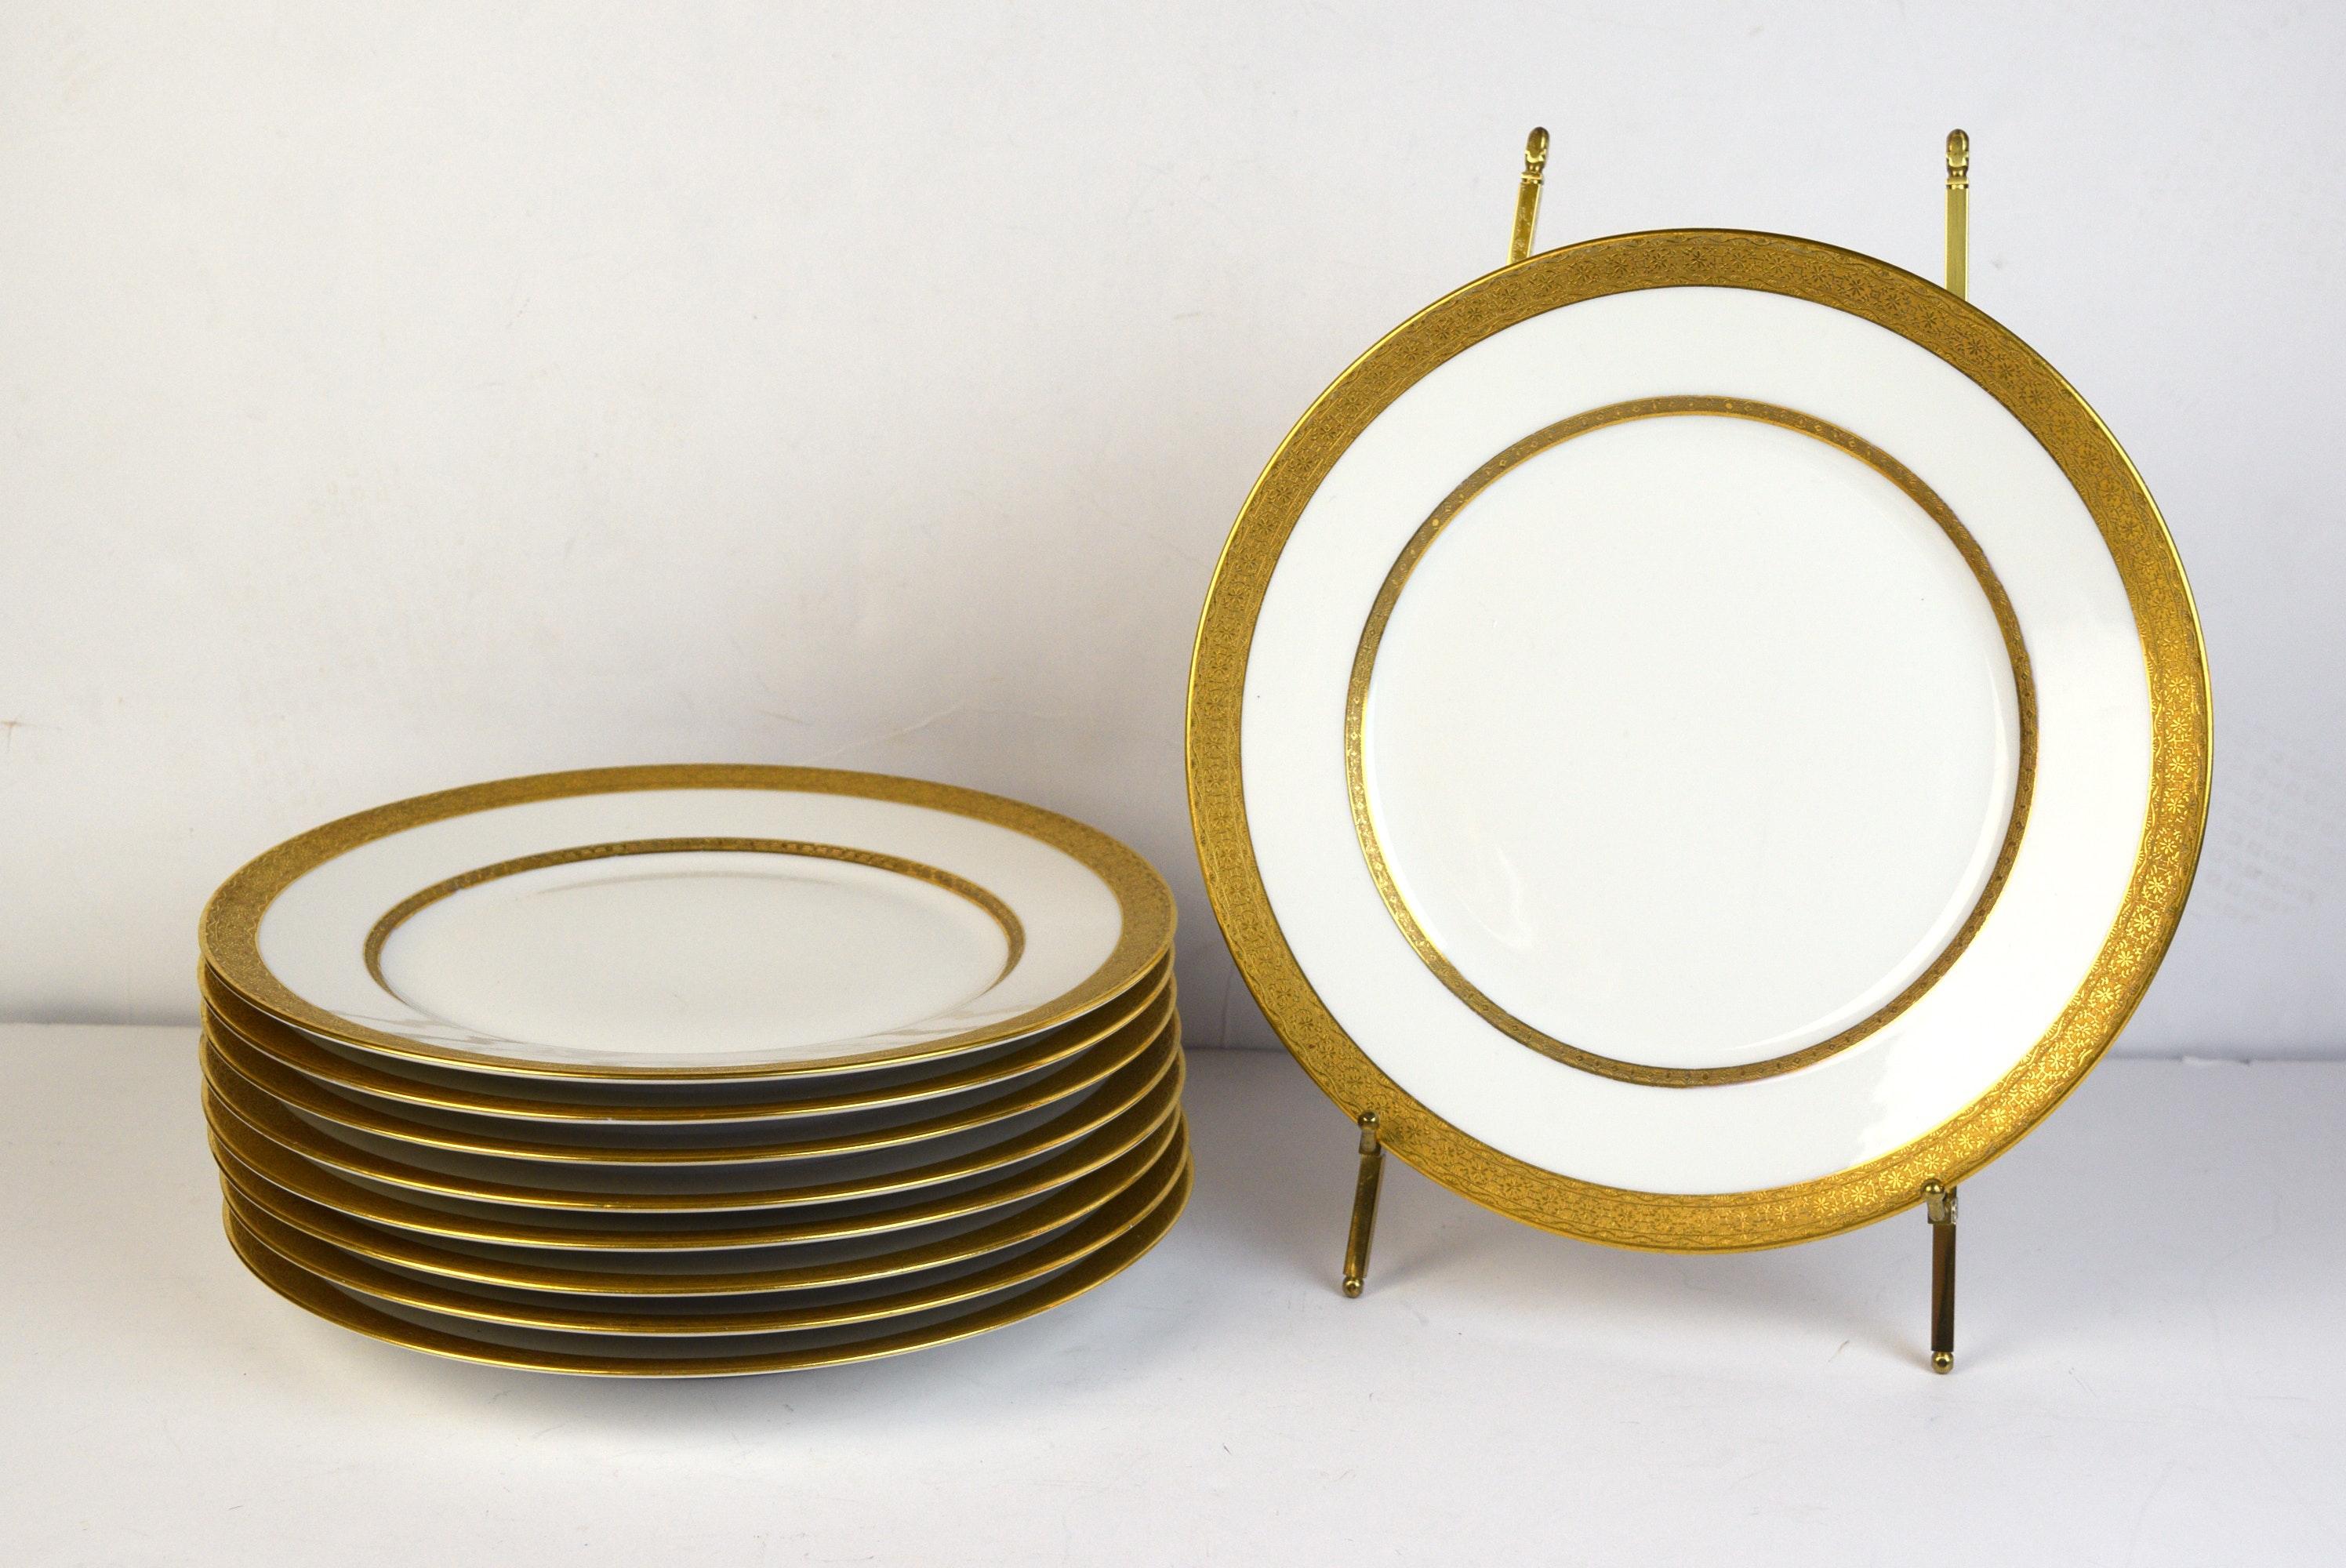 Set of Nine Charles Ahrenfeldt Limoges Dinner Plates ...  sc 1 st  EBTH.com & Set of Nine Charles Ahrenfeldt Limoges Dinner Plates : EBTH